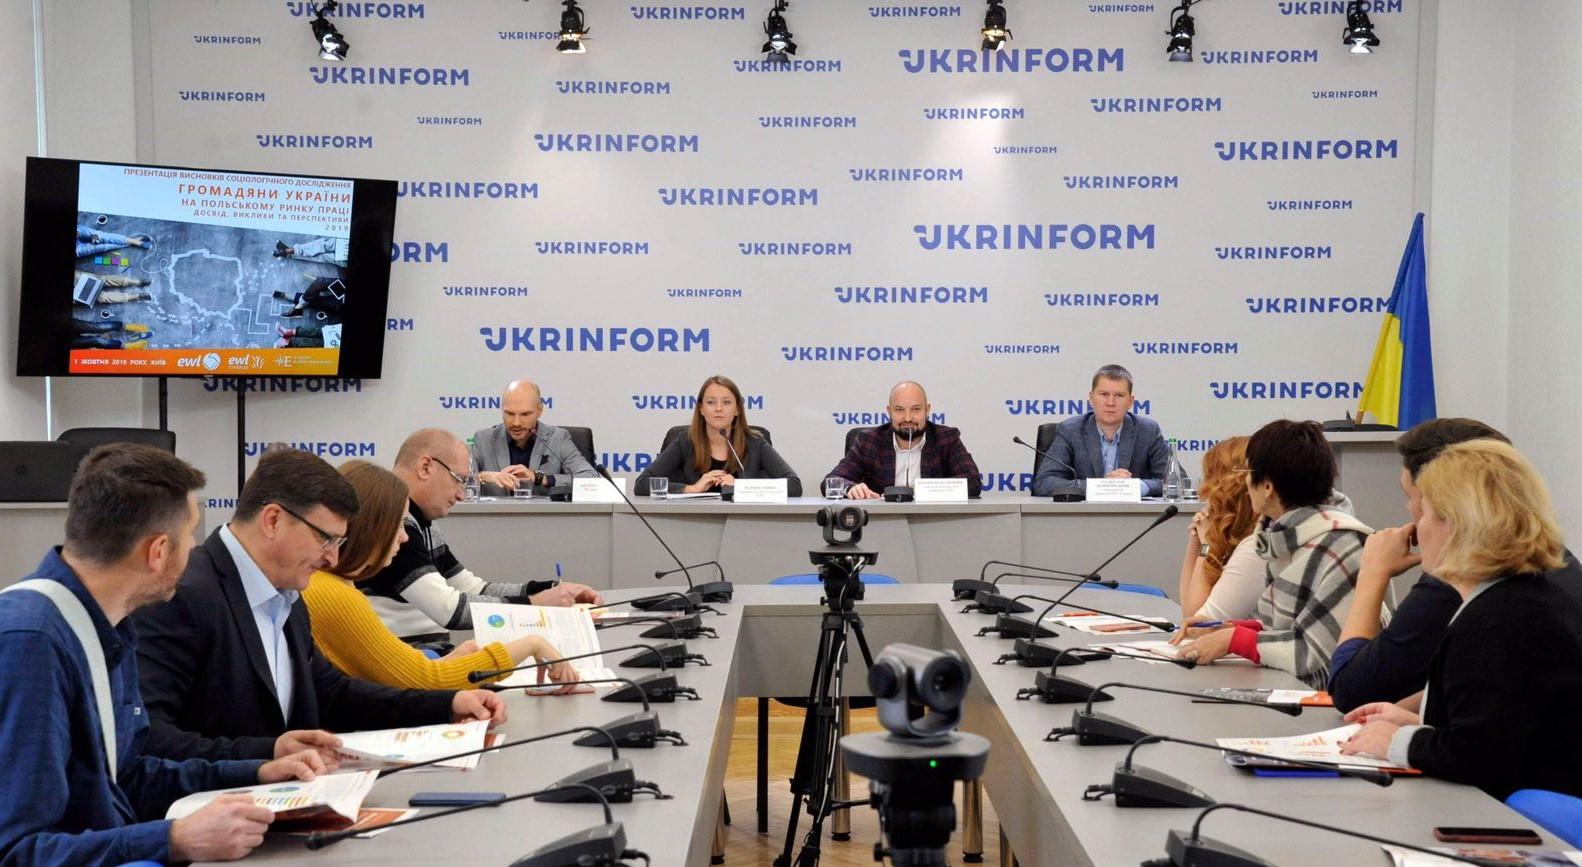 Дослідження «Громадяни України на польському ринку праці: досвід, виклики та перспективи» (випуск 2019)